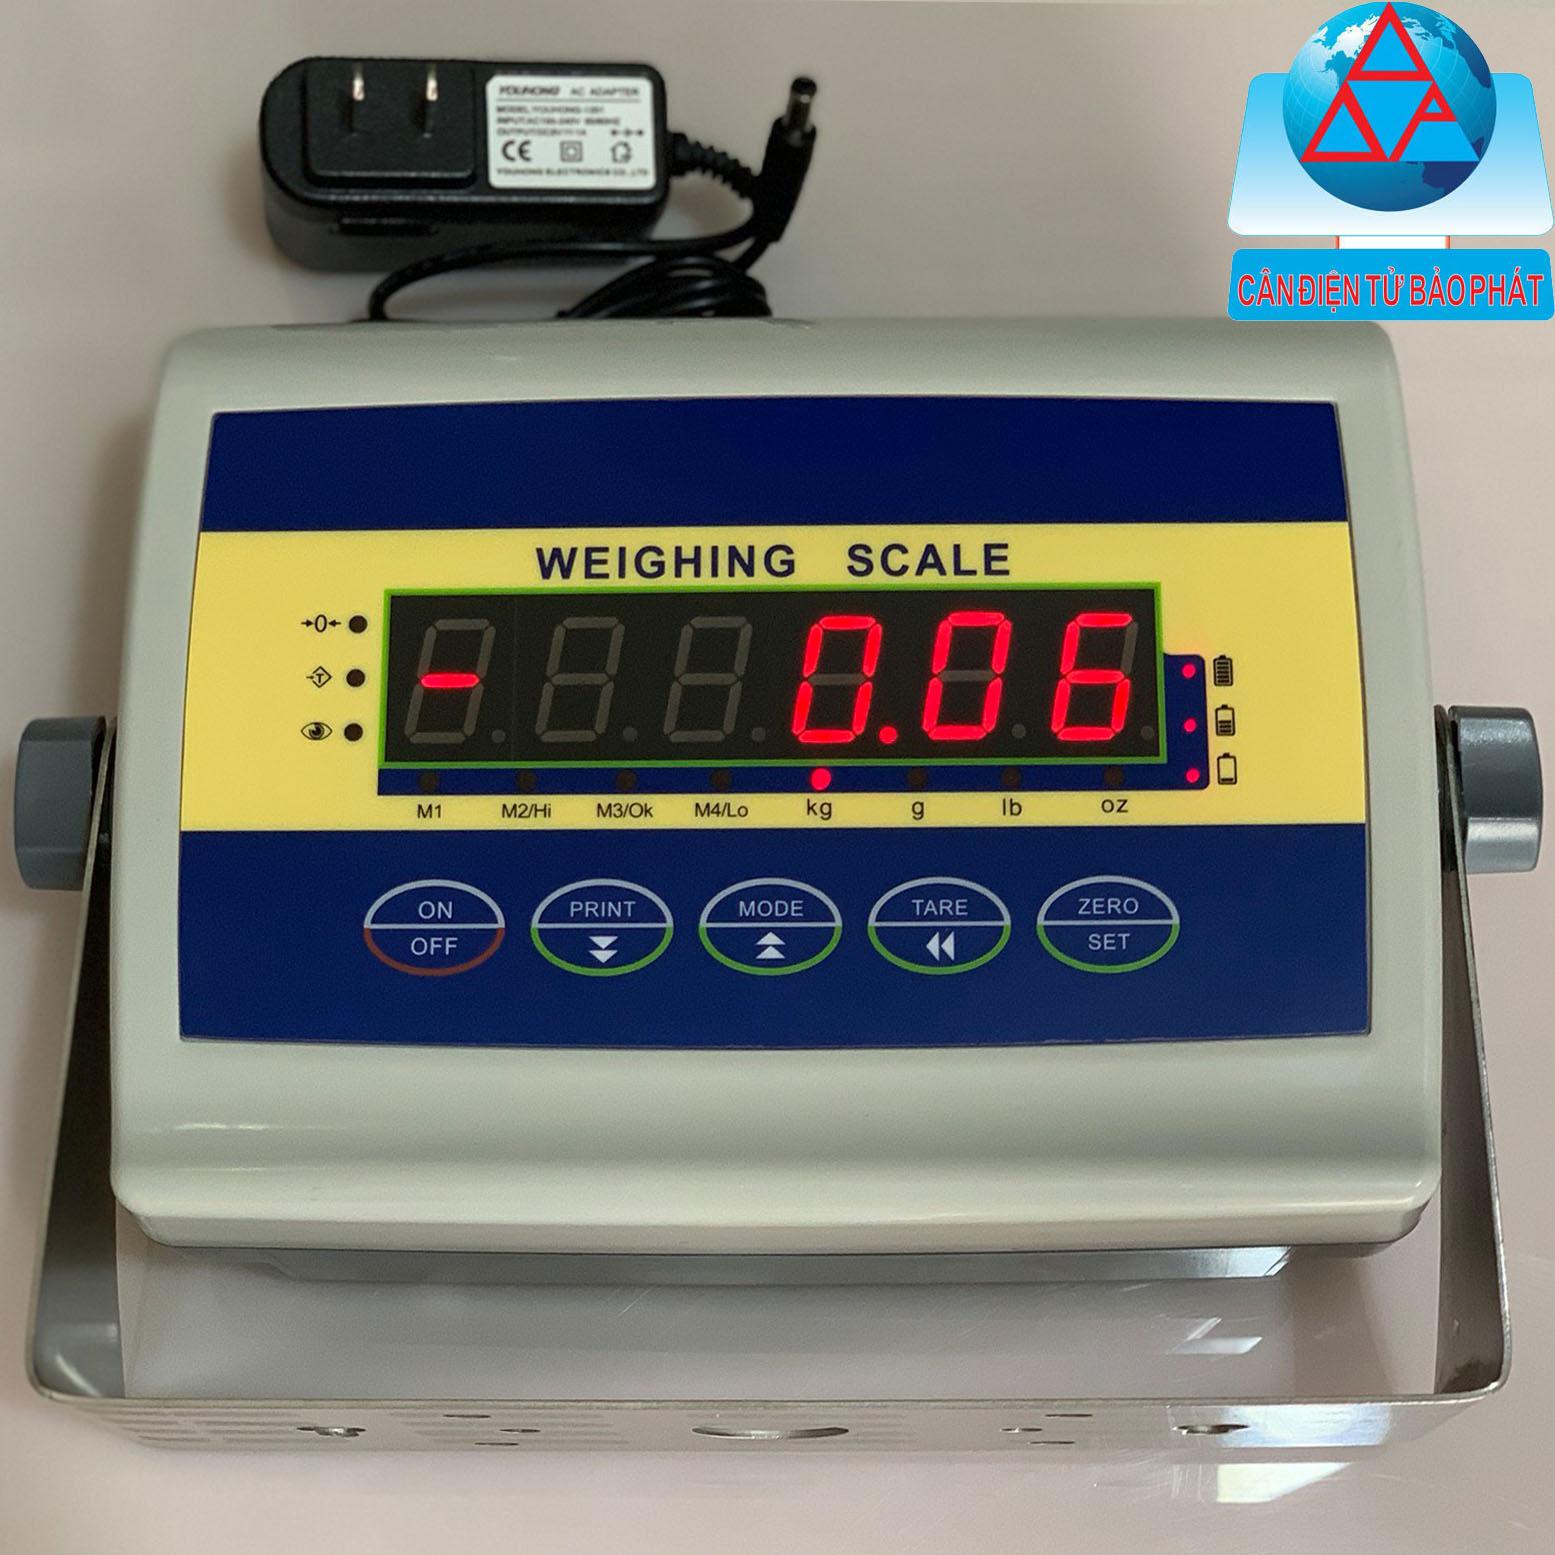 BÀN BPS-WL/300KG